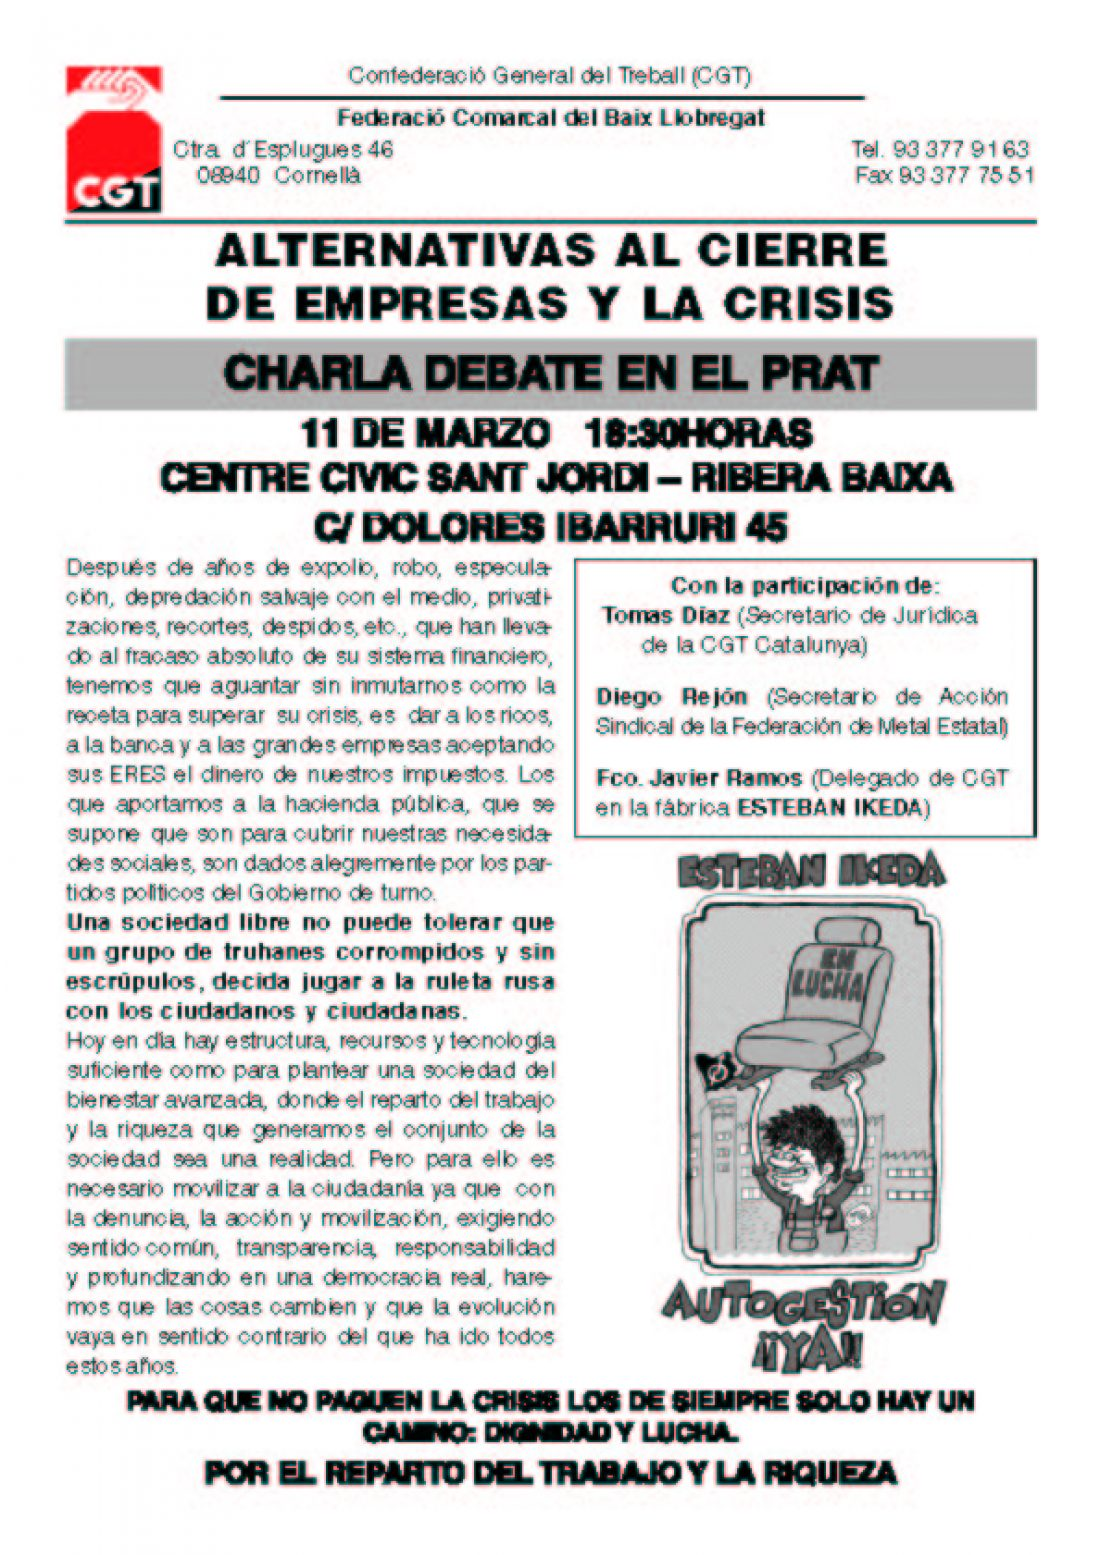 El Prat de Llobregat: Charla Debate «Alternativas al cierre de empresas y la crisis»